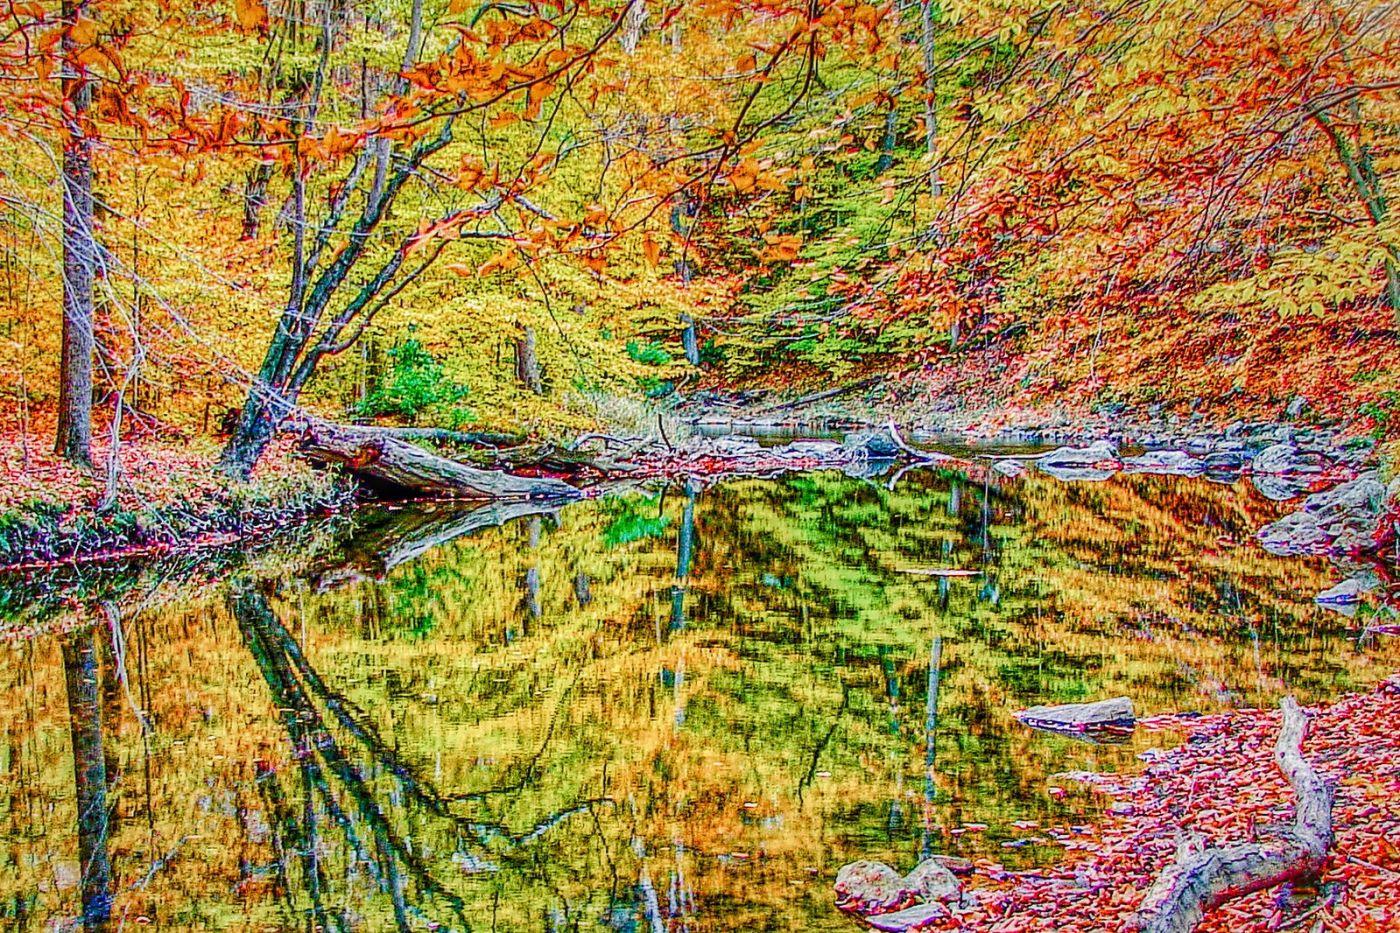 宾州雷德利克里克公园(Ridley creek park),糊涂的爱_图1-38